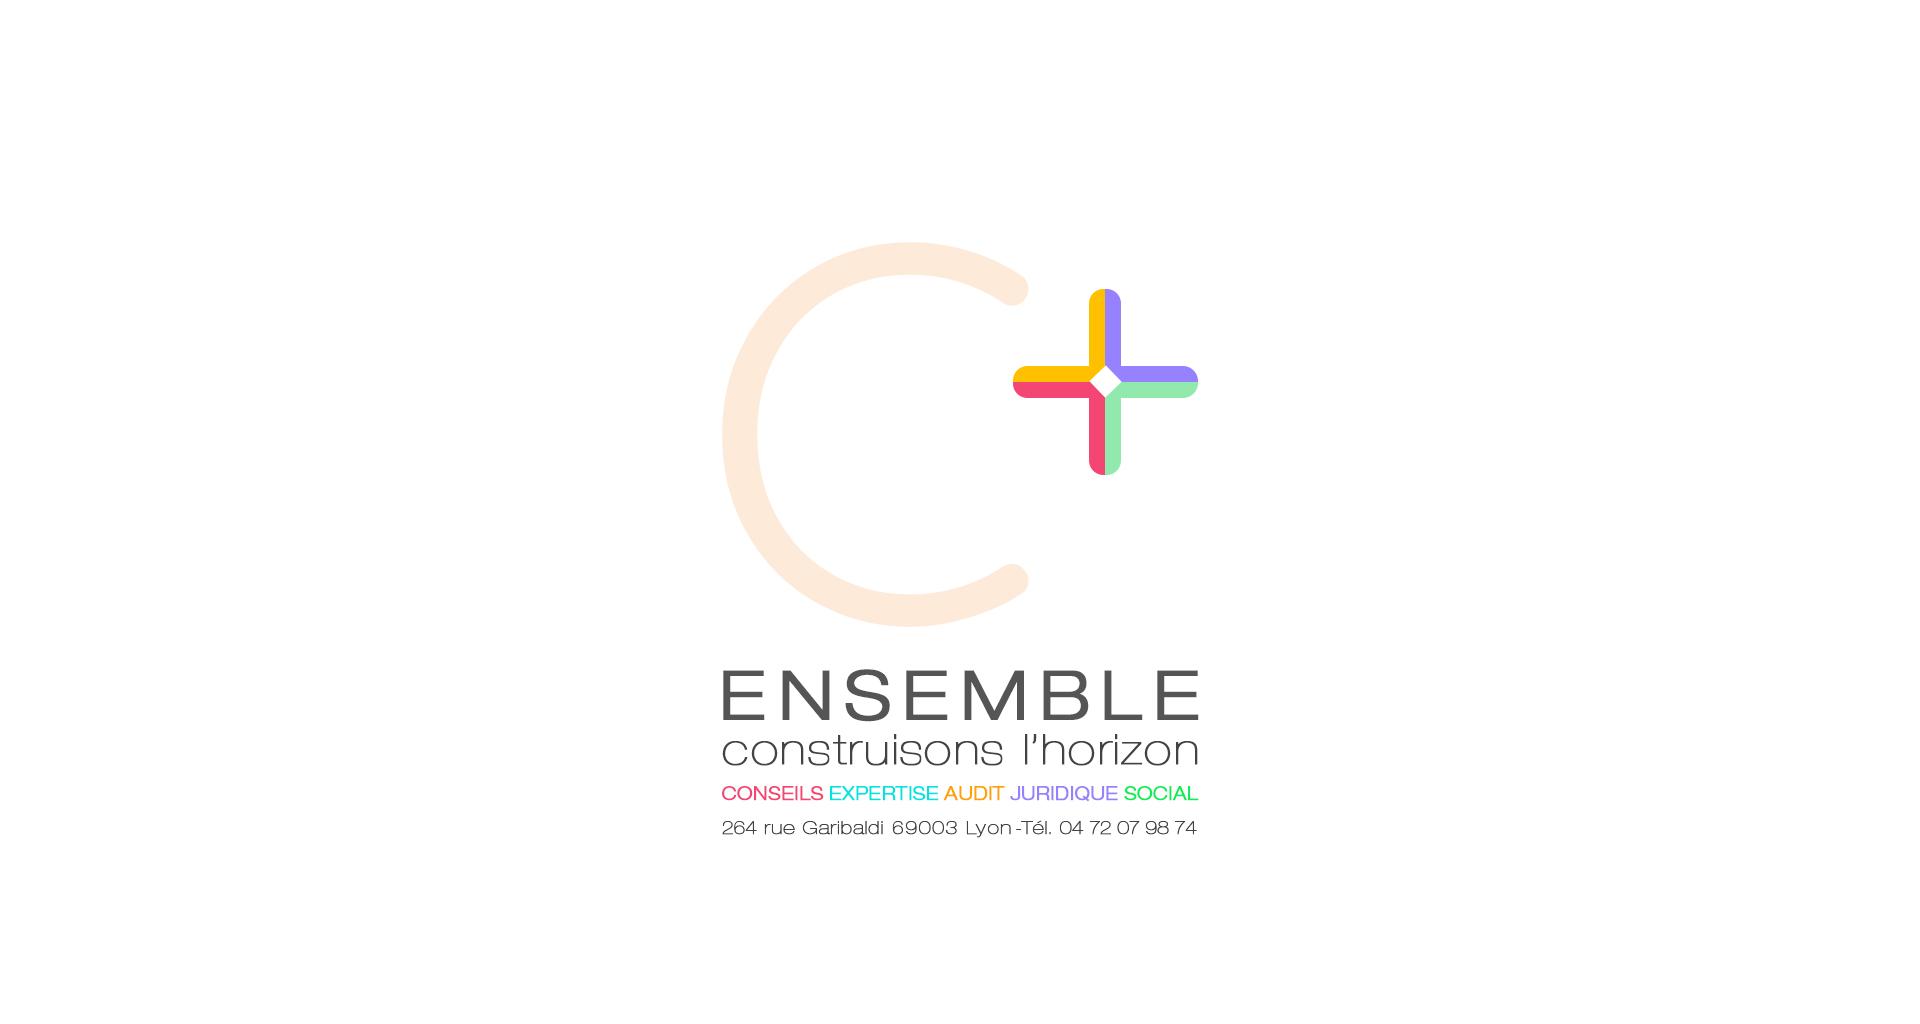 C+Ensemble